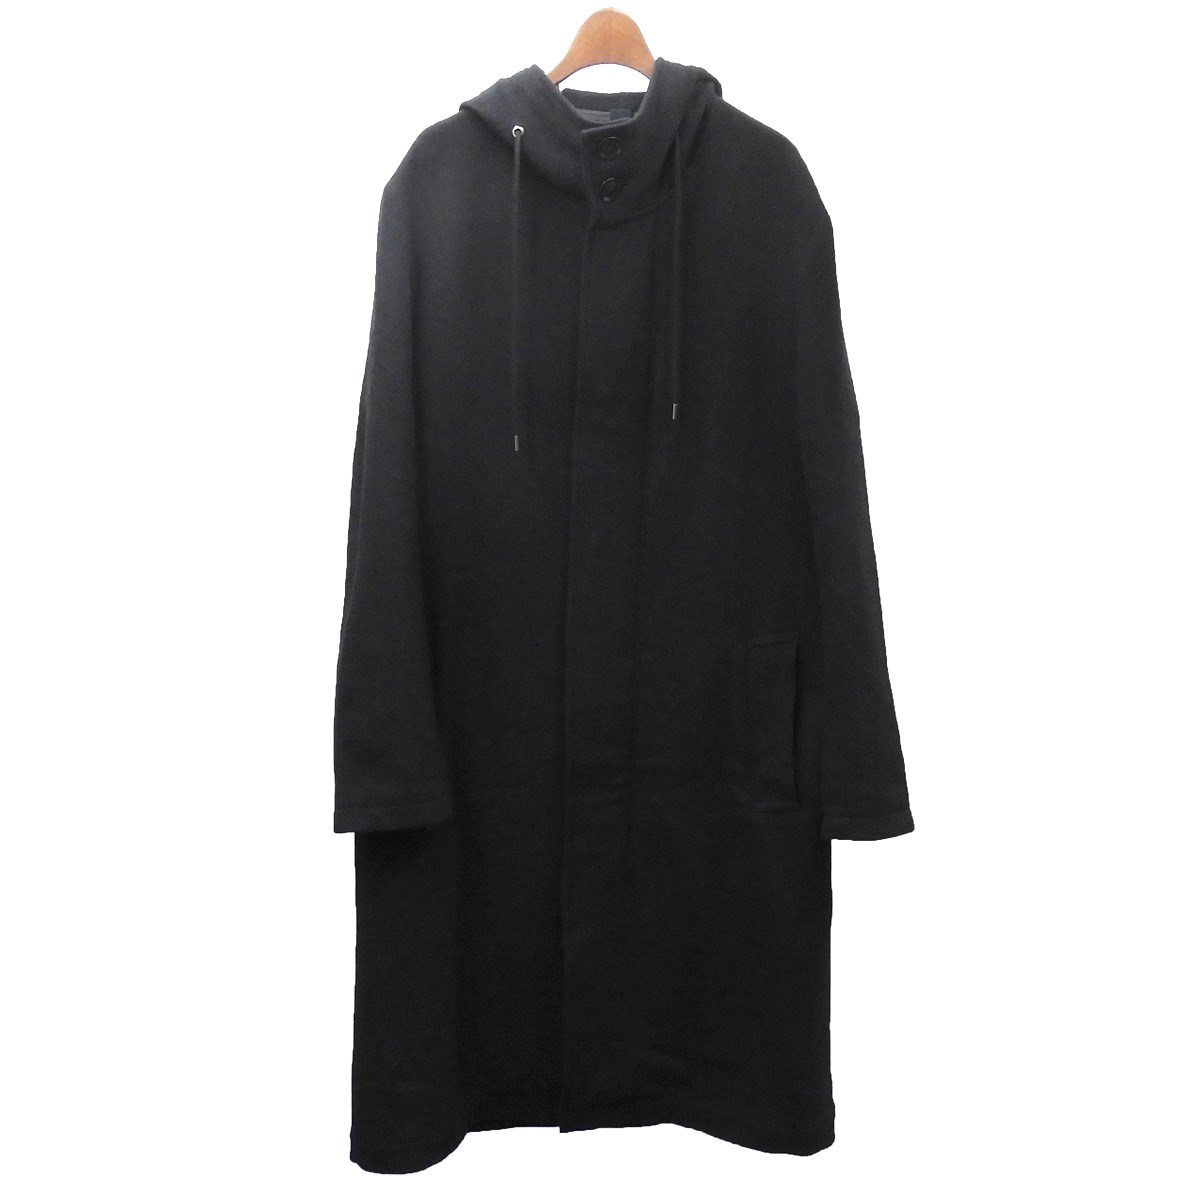 【中古】Ground Y 2018AW フーデッドコート ブラック サイズ:3 【020420】(グラウンドワイ)